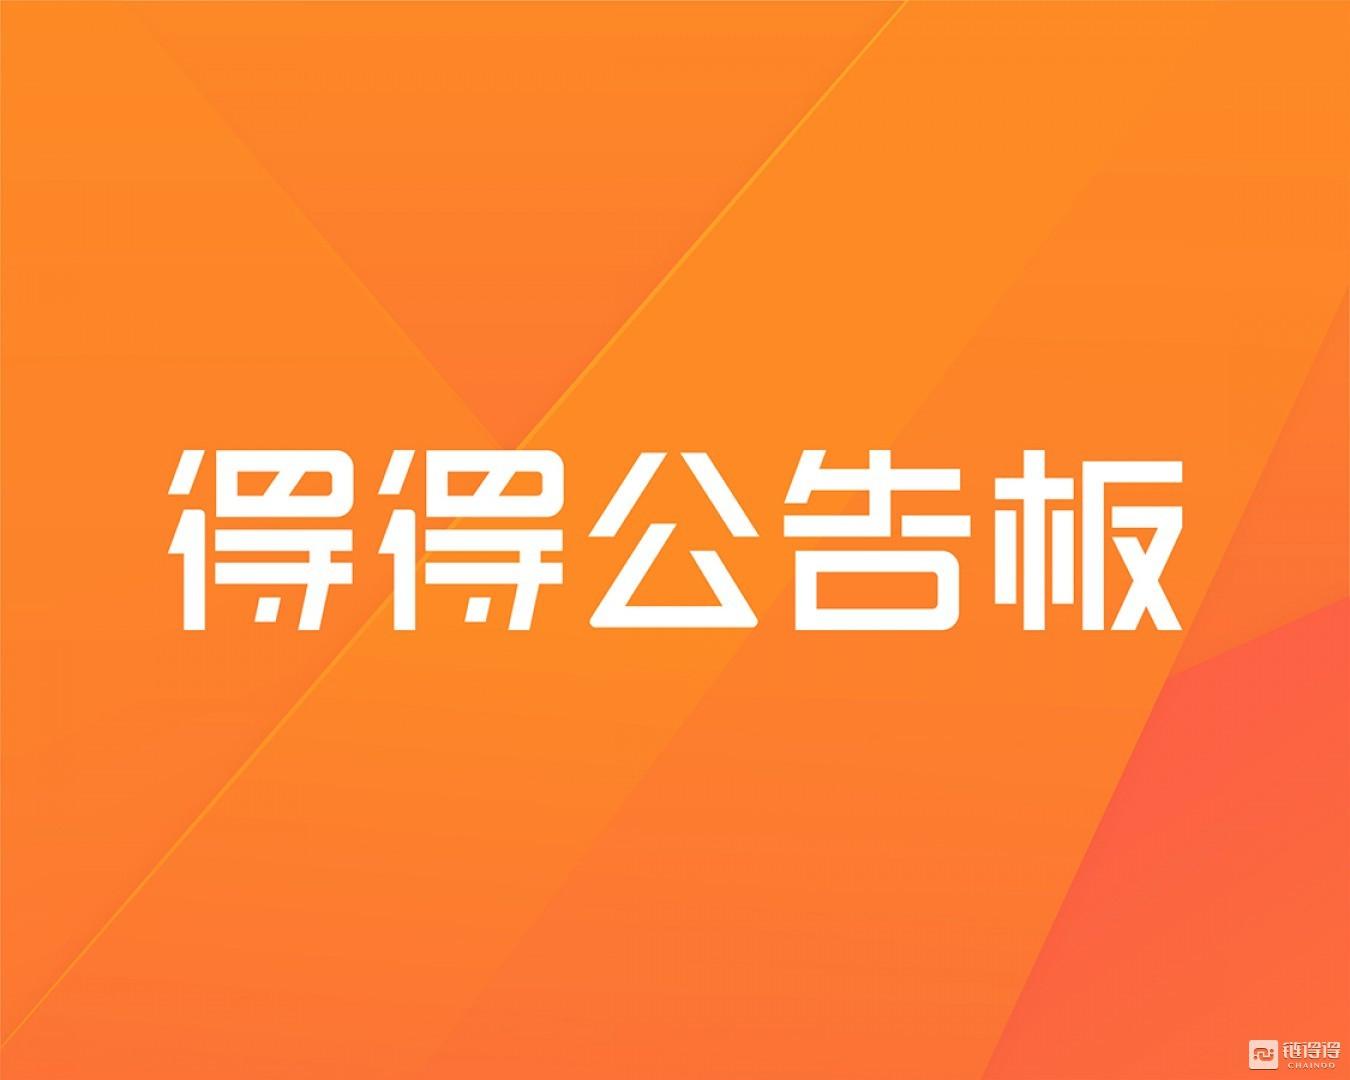 大奖网app-大奖网官方网站app-大奖888pt手机版官网